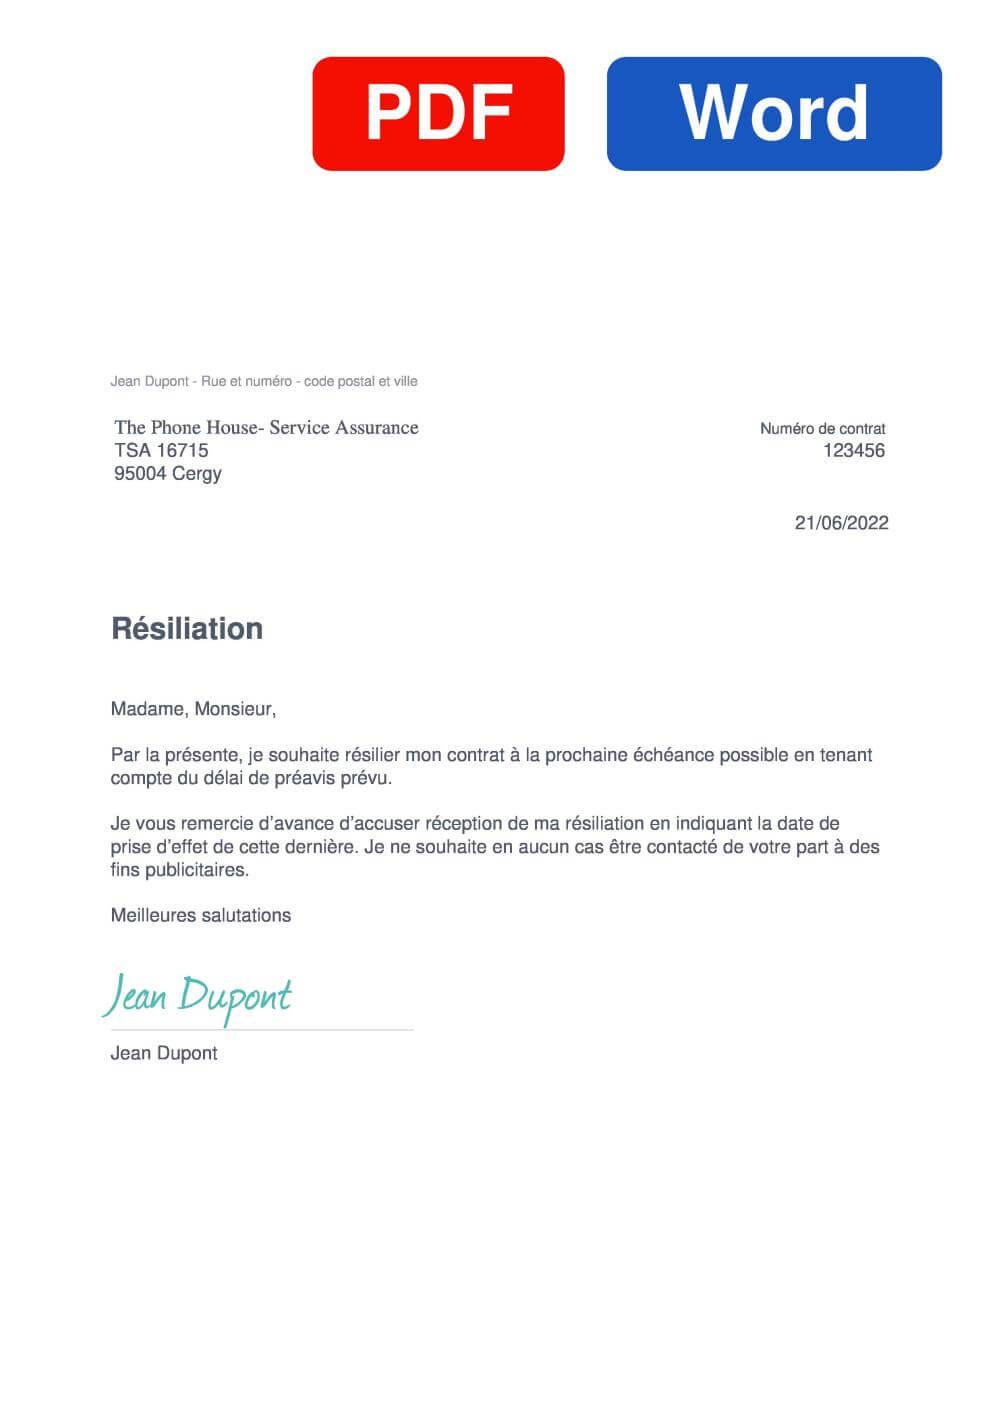 Phone House Lifeline mobile Assurance Modèle de lettre de résiliation